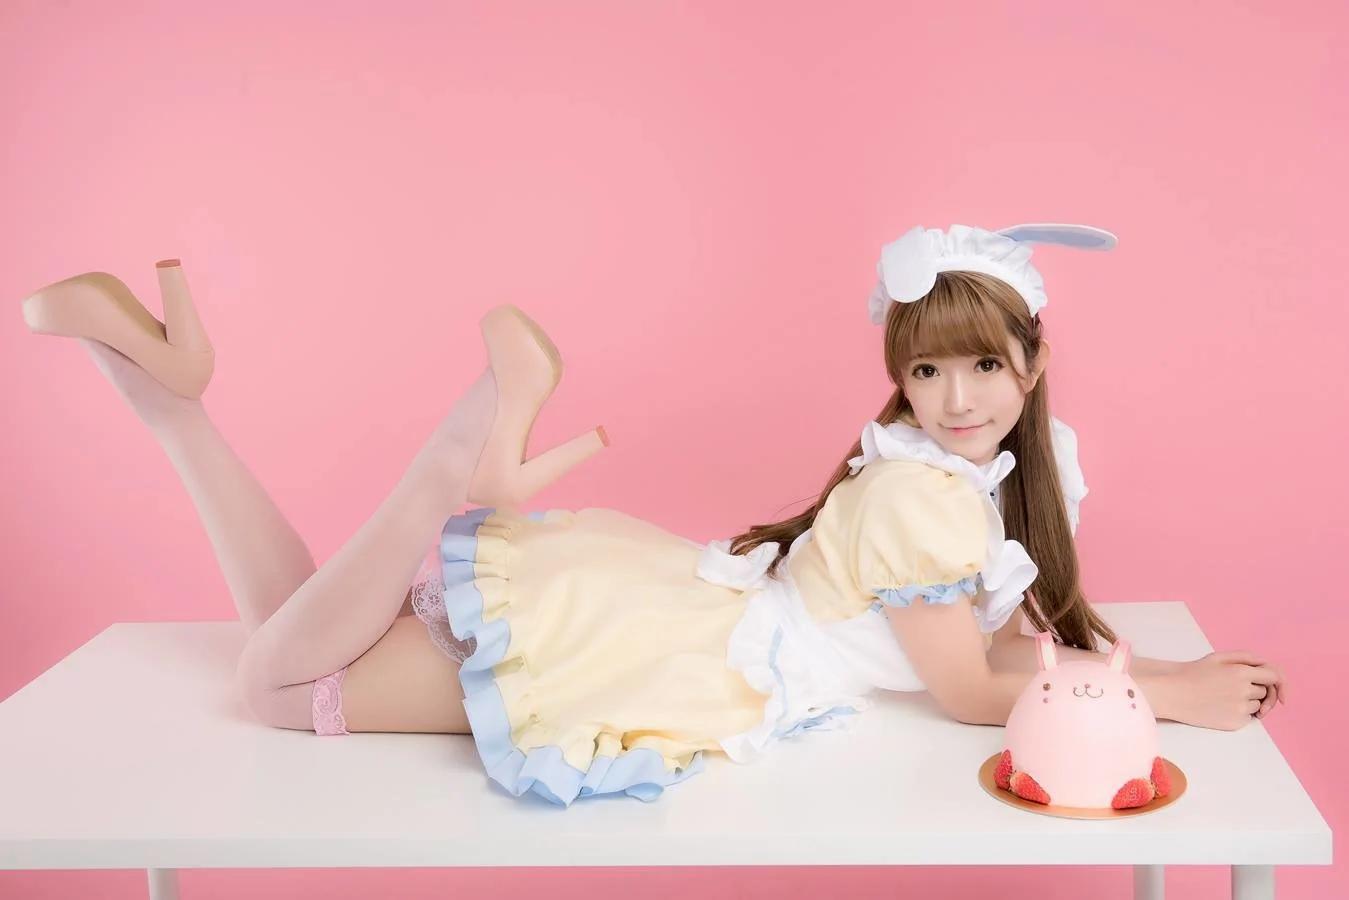 韩第一美少女 这个姑娘能够轻轻拨动我们的心弦